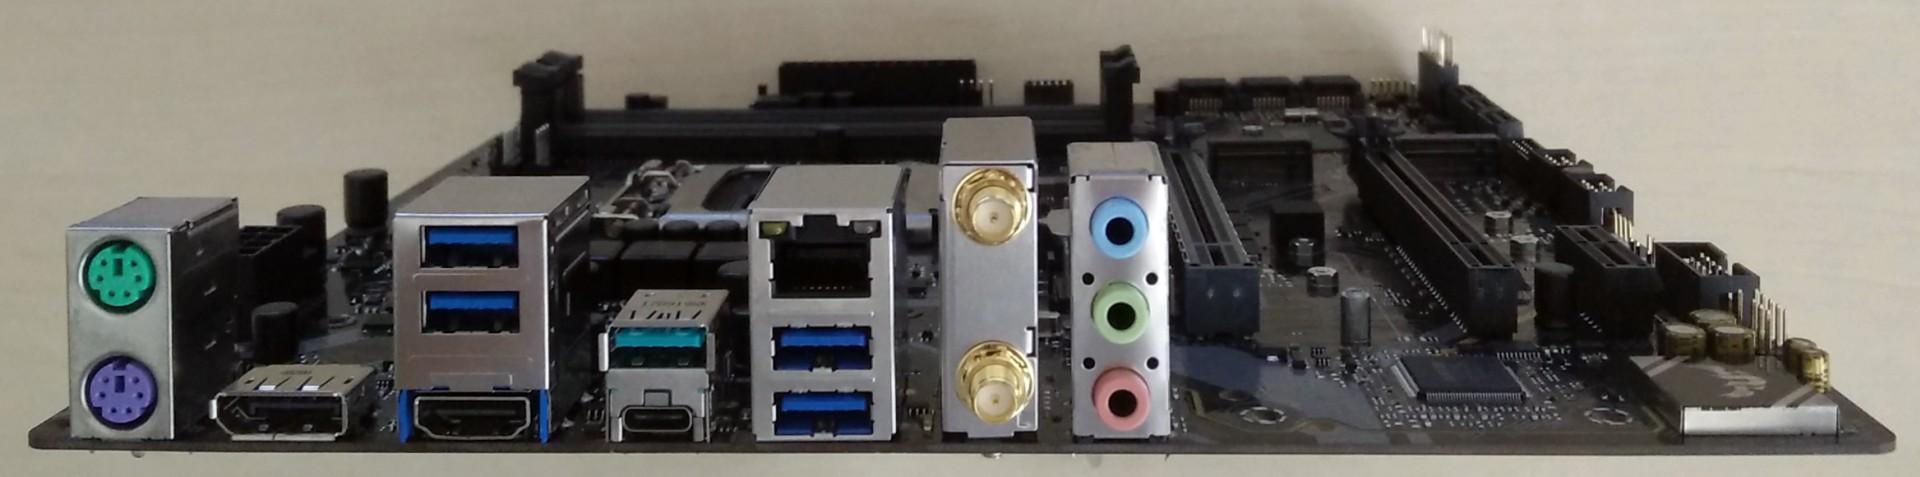 Asus TUF Z390M PRO GAMING (Wi-Fi)